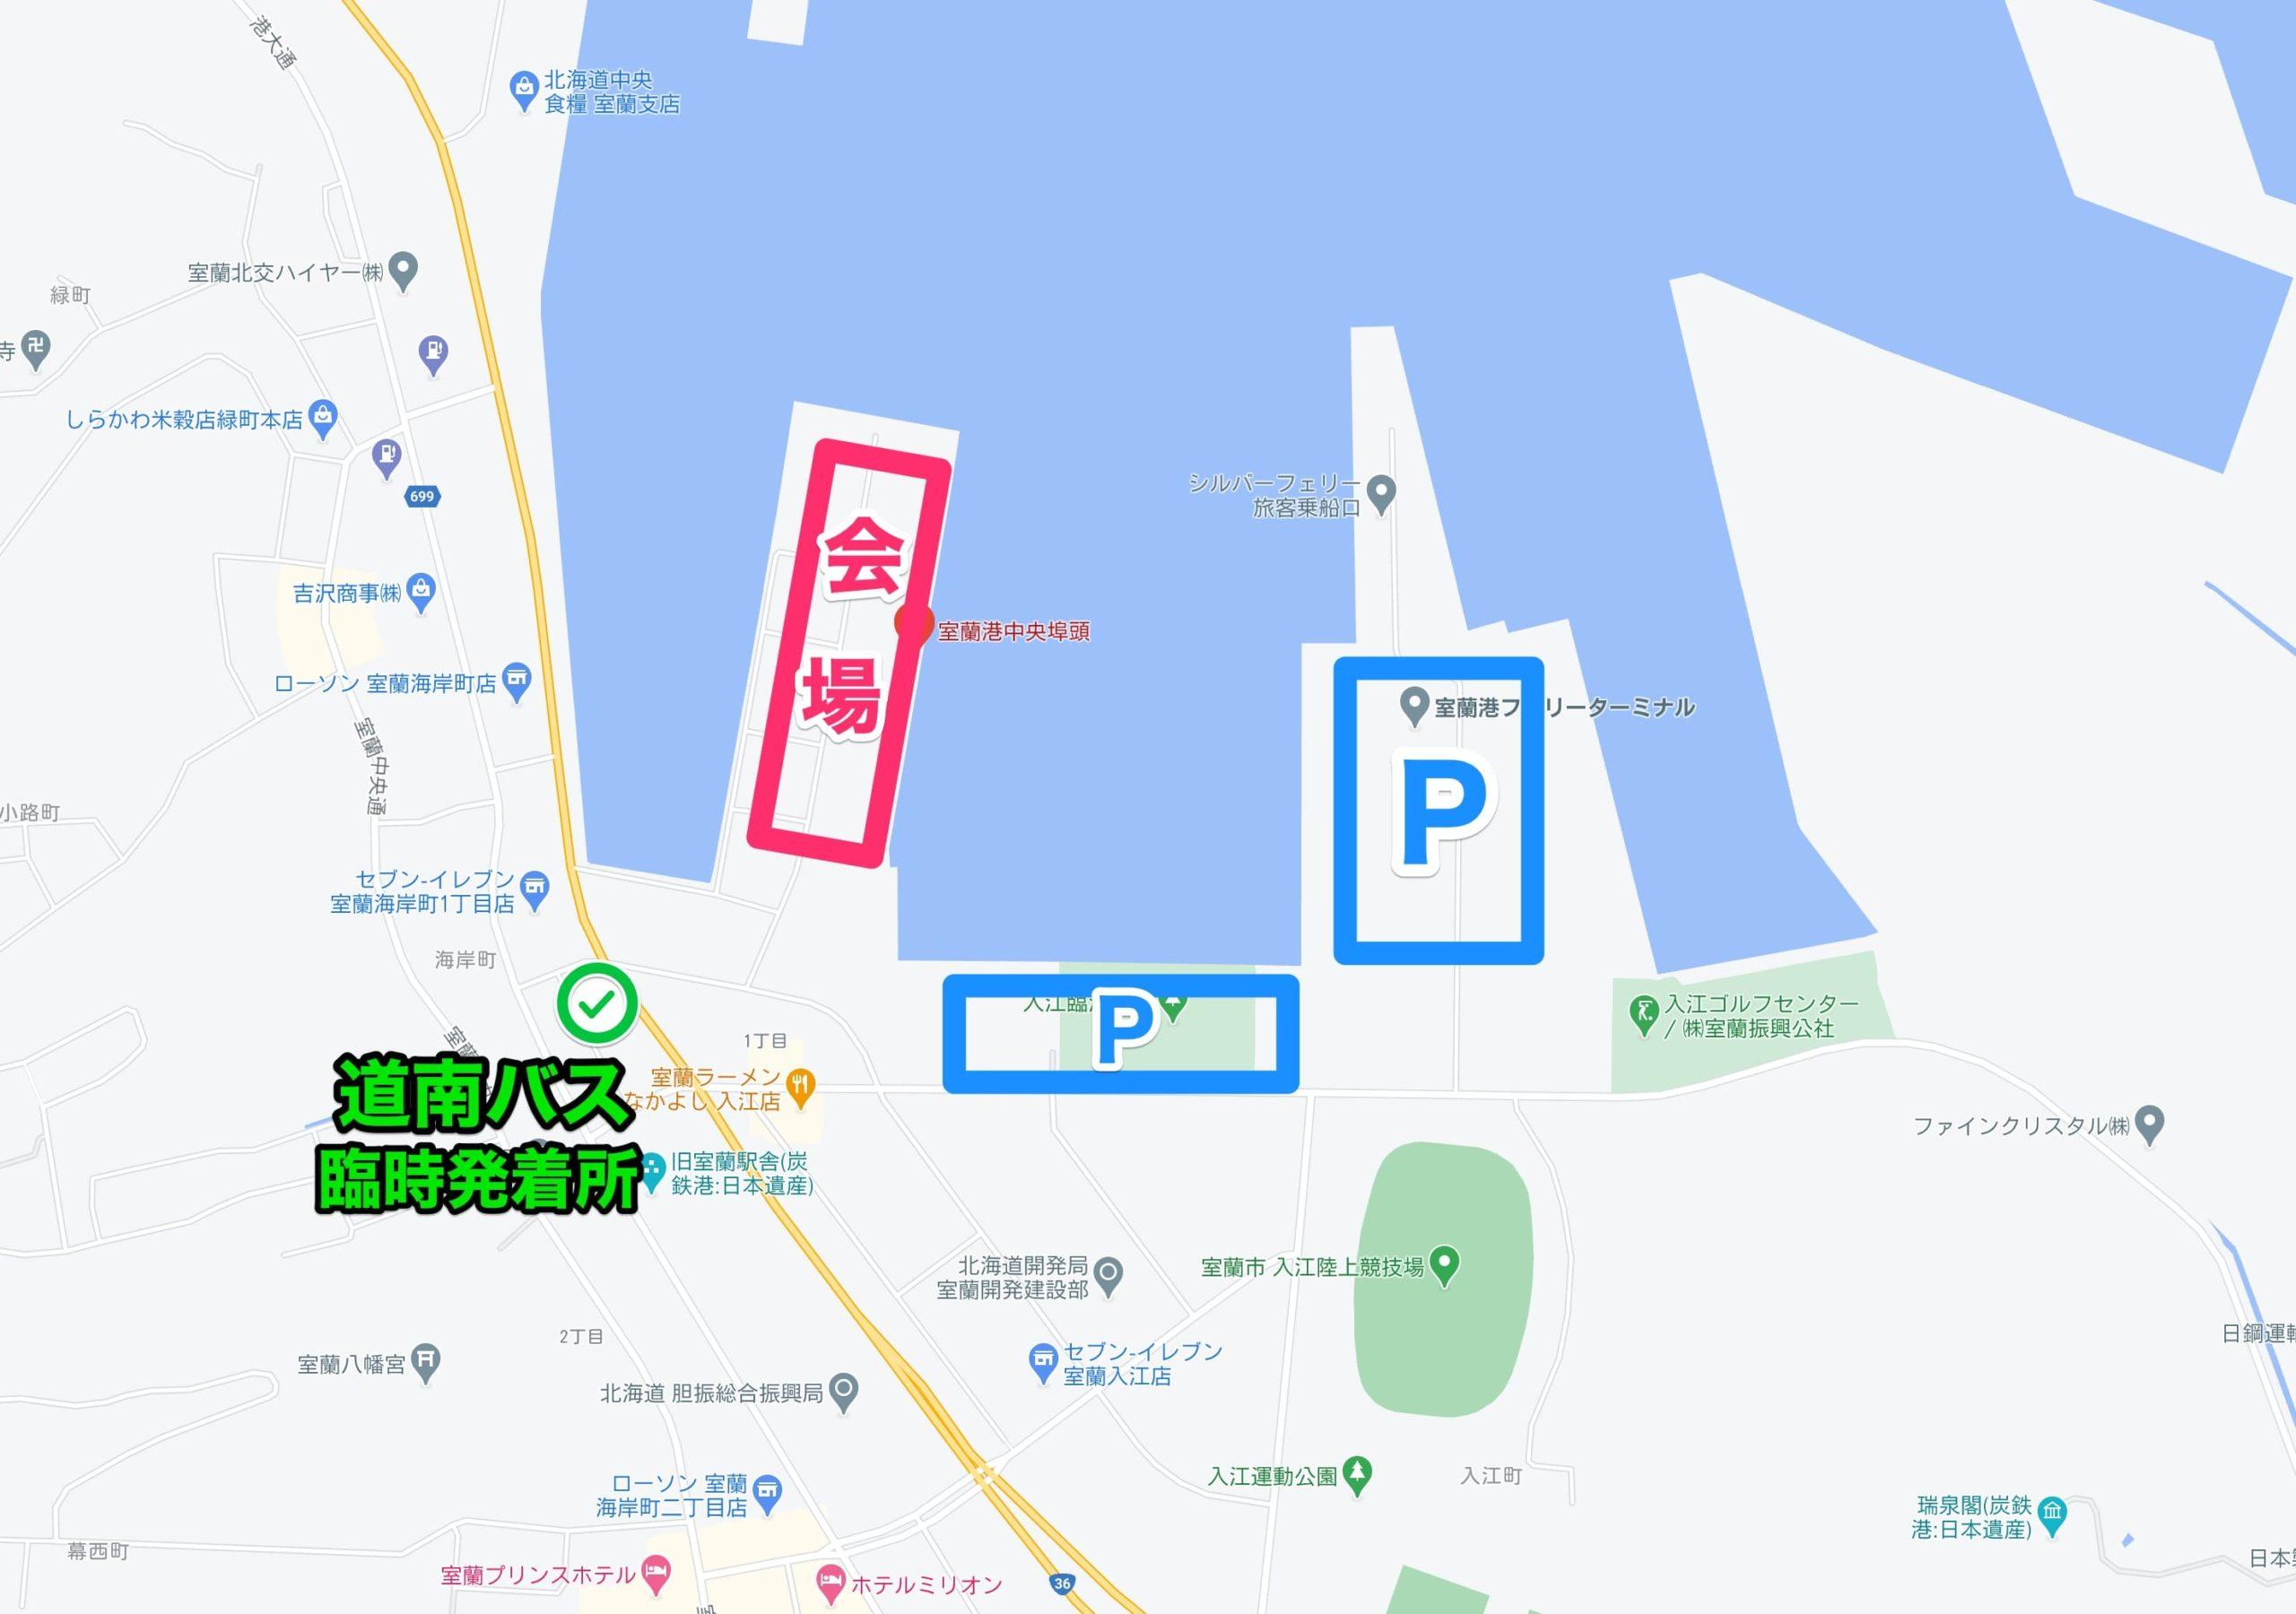 室蘭スワンフェスタ駐車場マップ